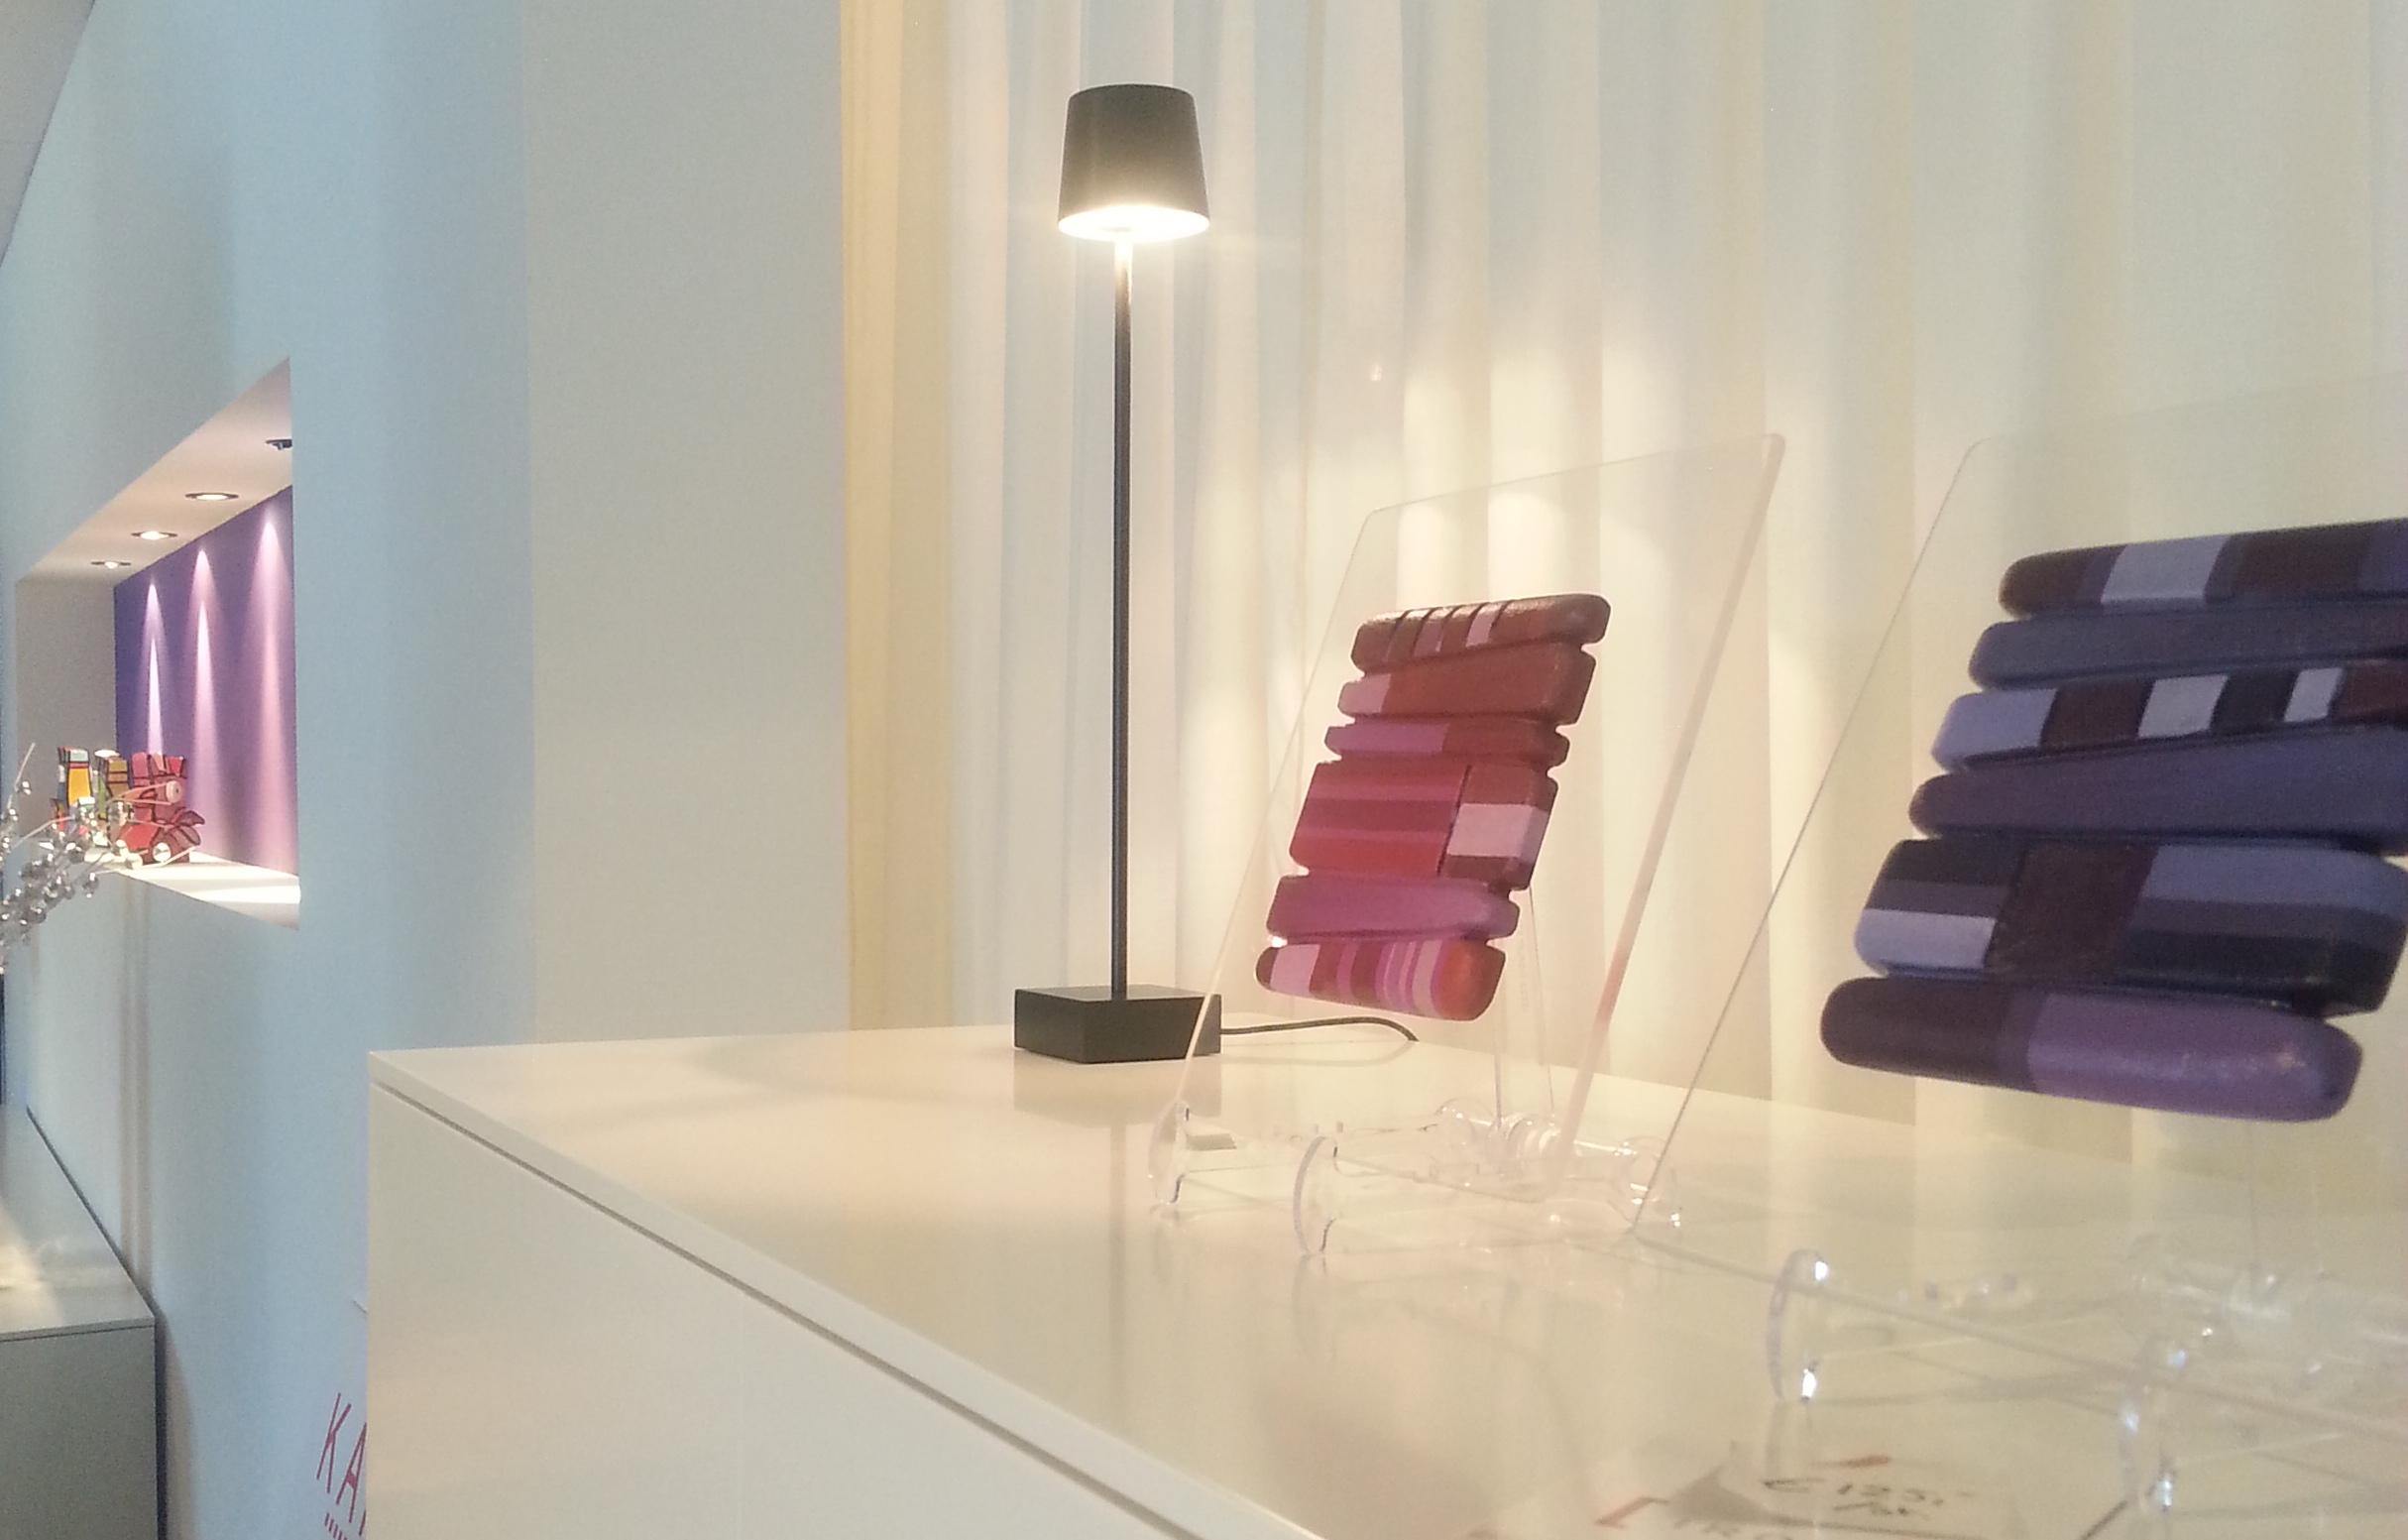 IROK kunst bij Peters Interieurs Baarlo | IROK galerie ...